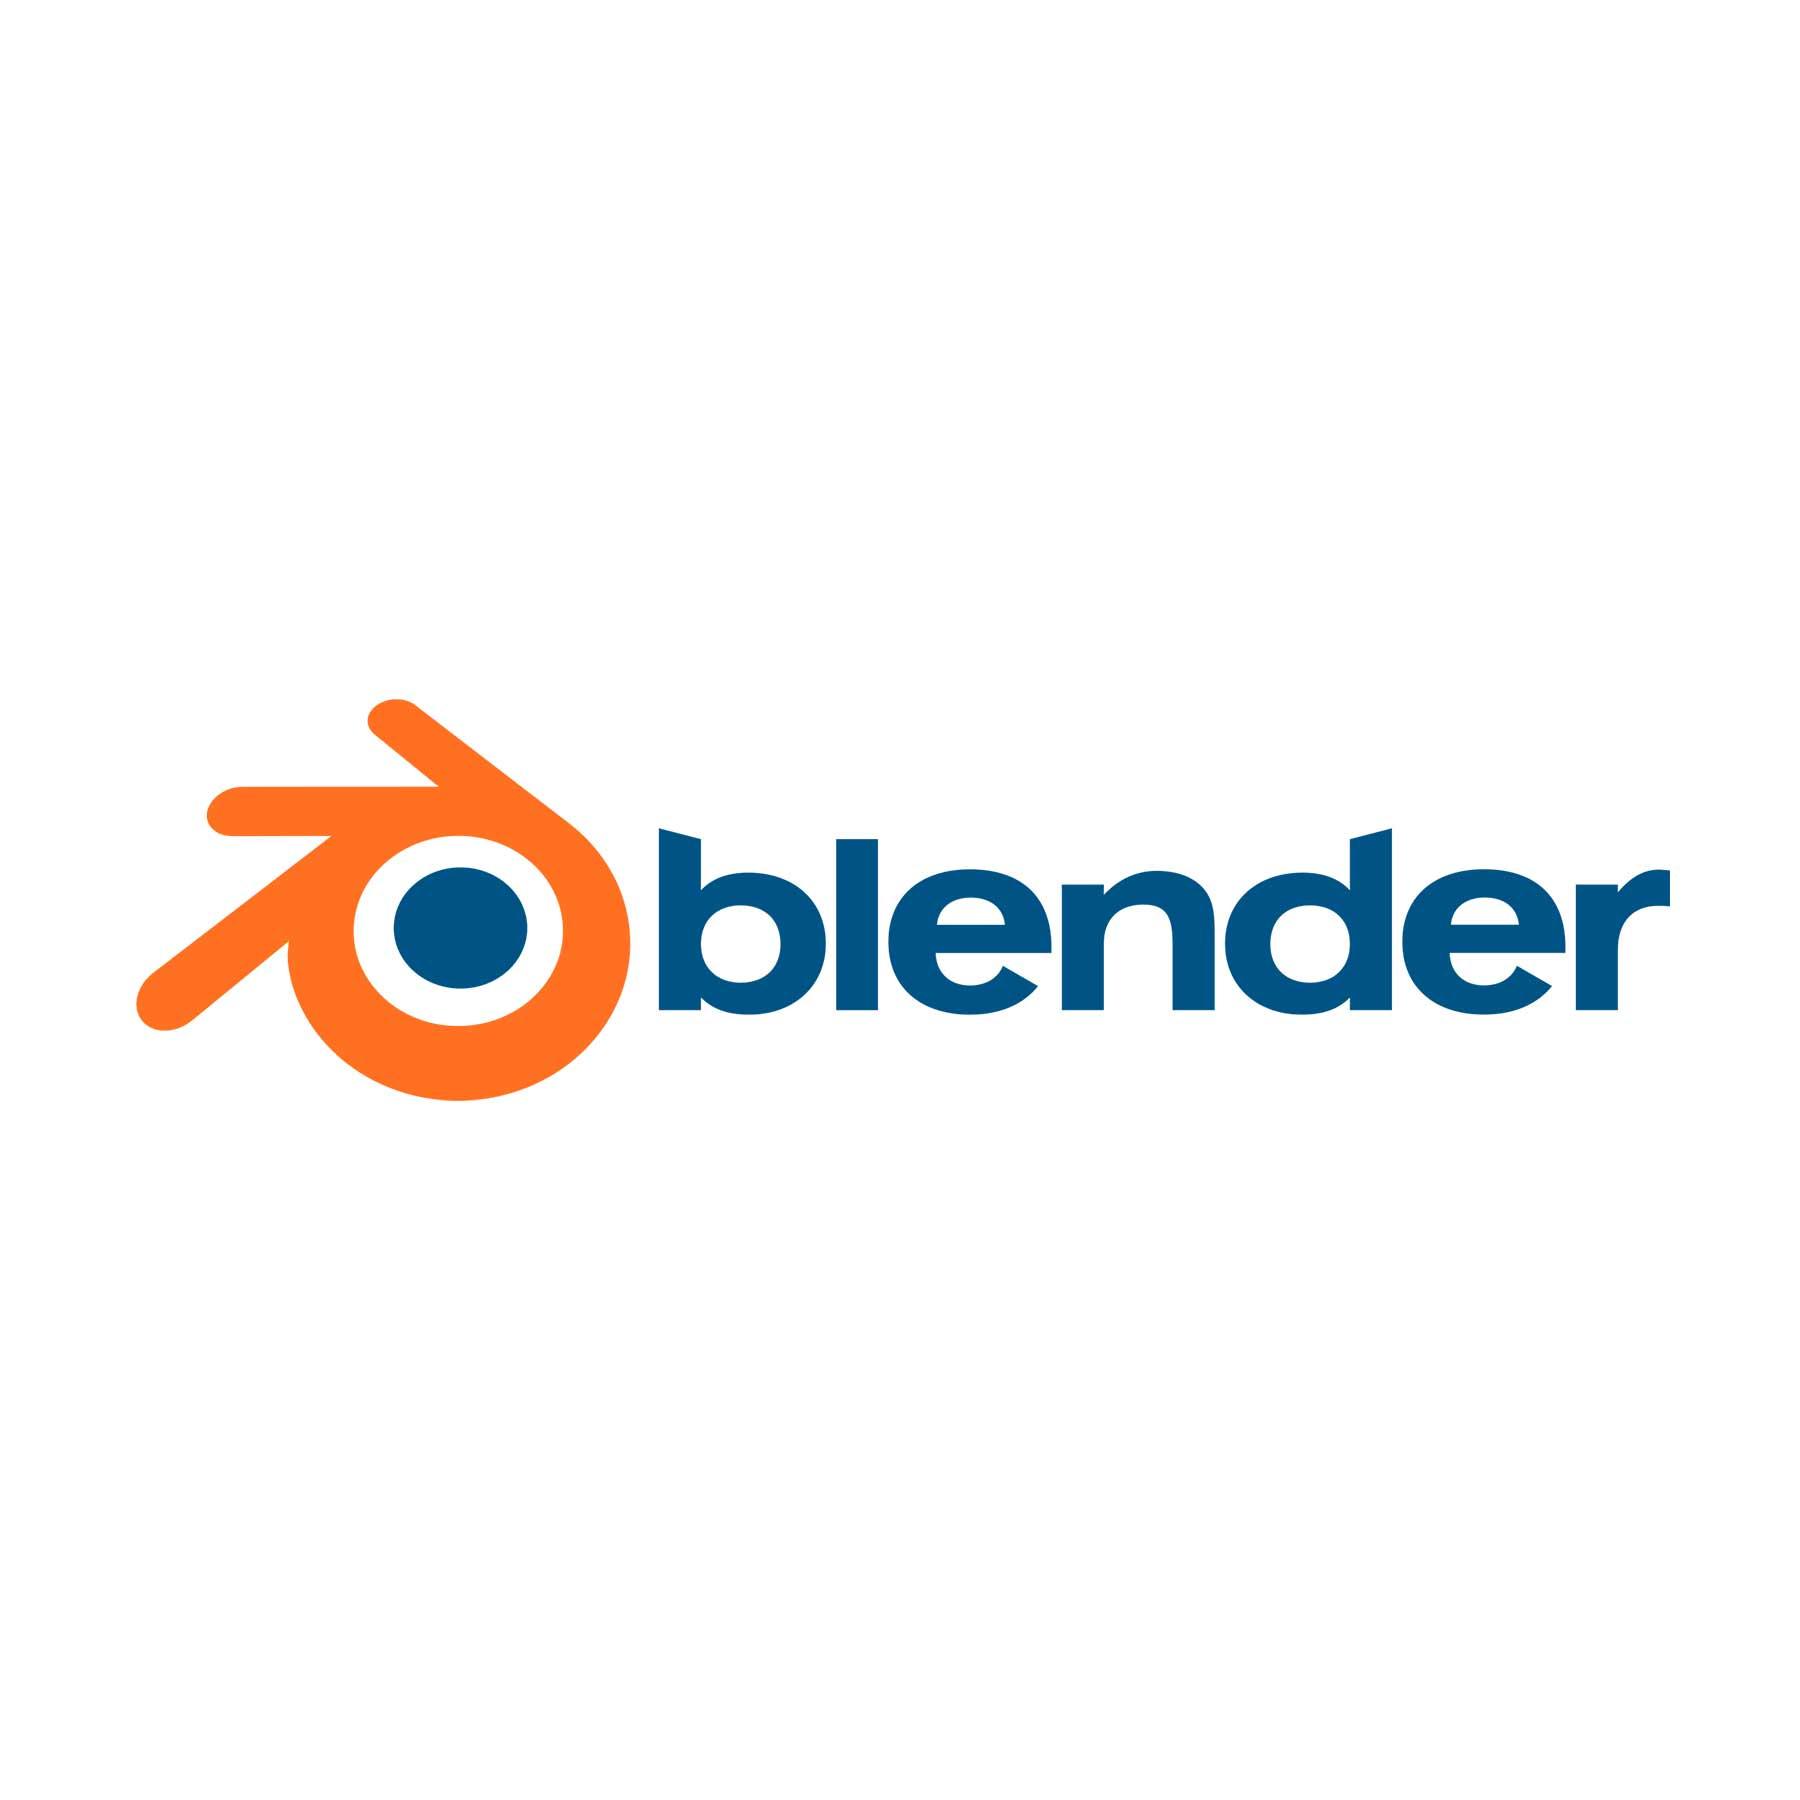 Wofür Markenlogos auch stehen könnten Logos-mit-anderer-Markenbedeutung_09-ORIGINAL